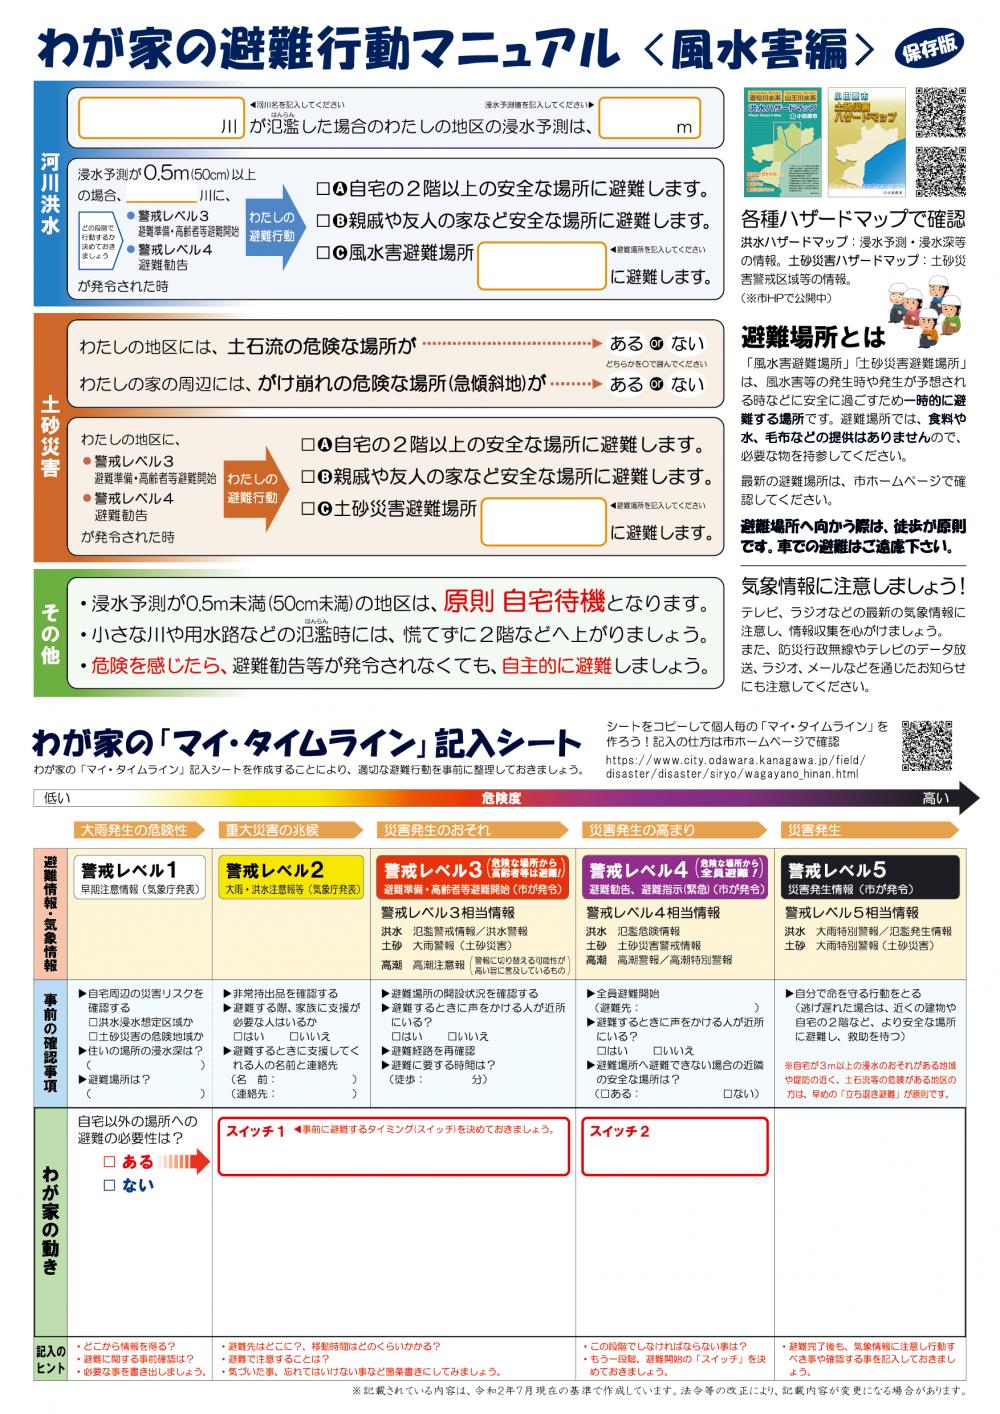 わが家の避難行動マニュアル(風水害編)